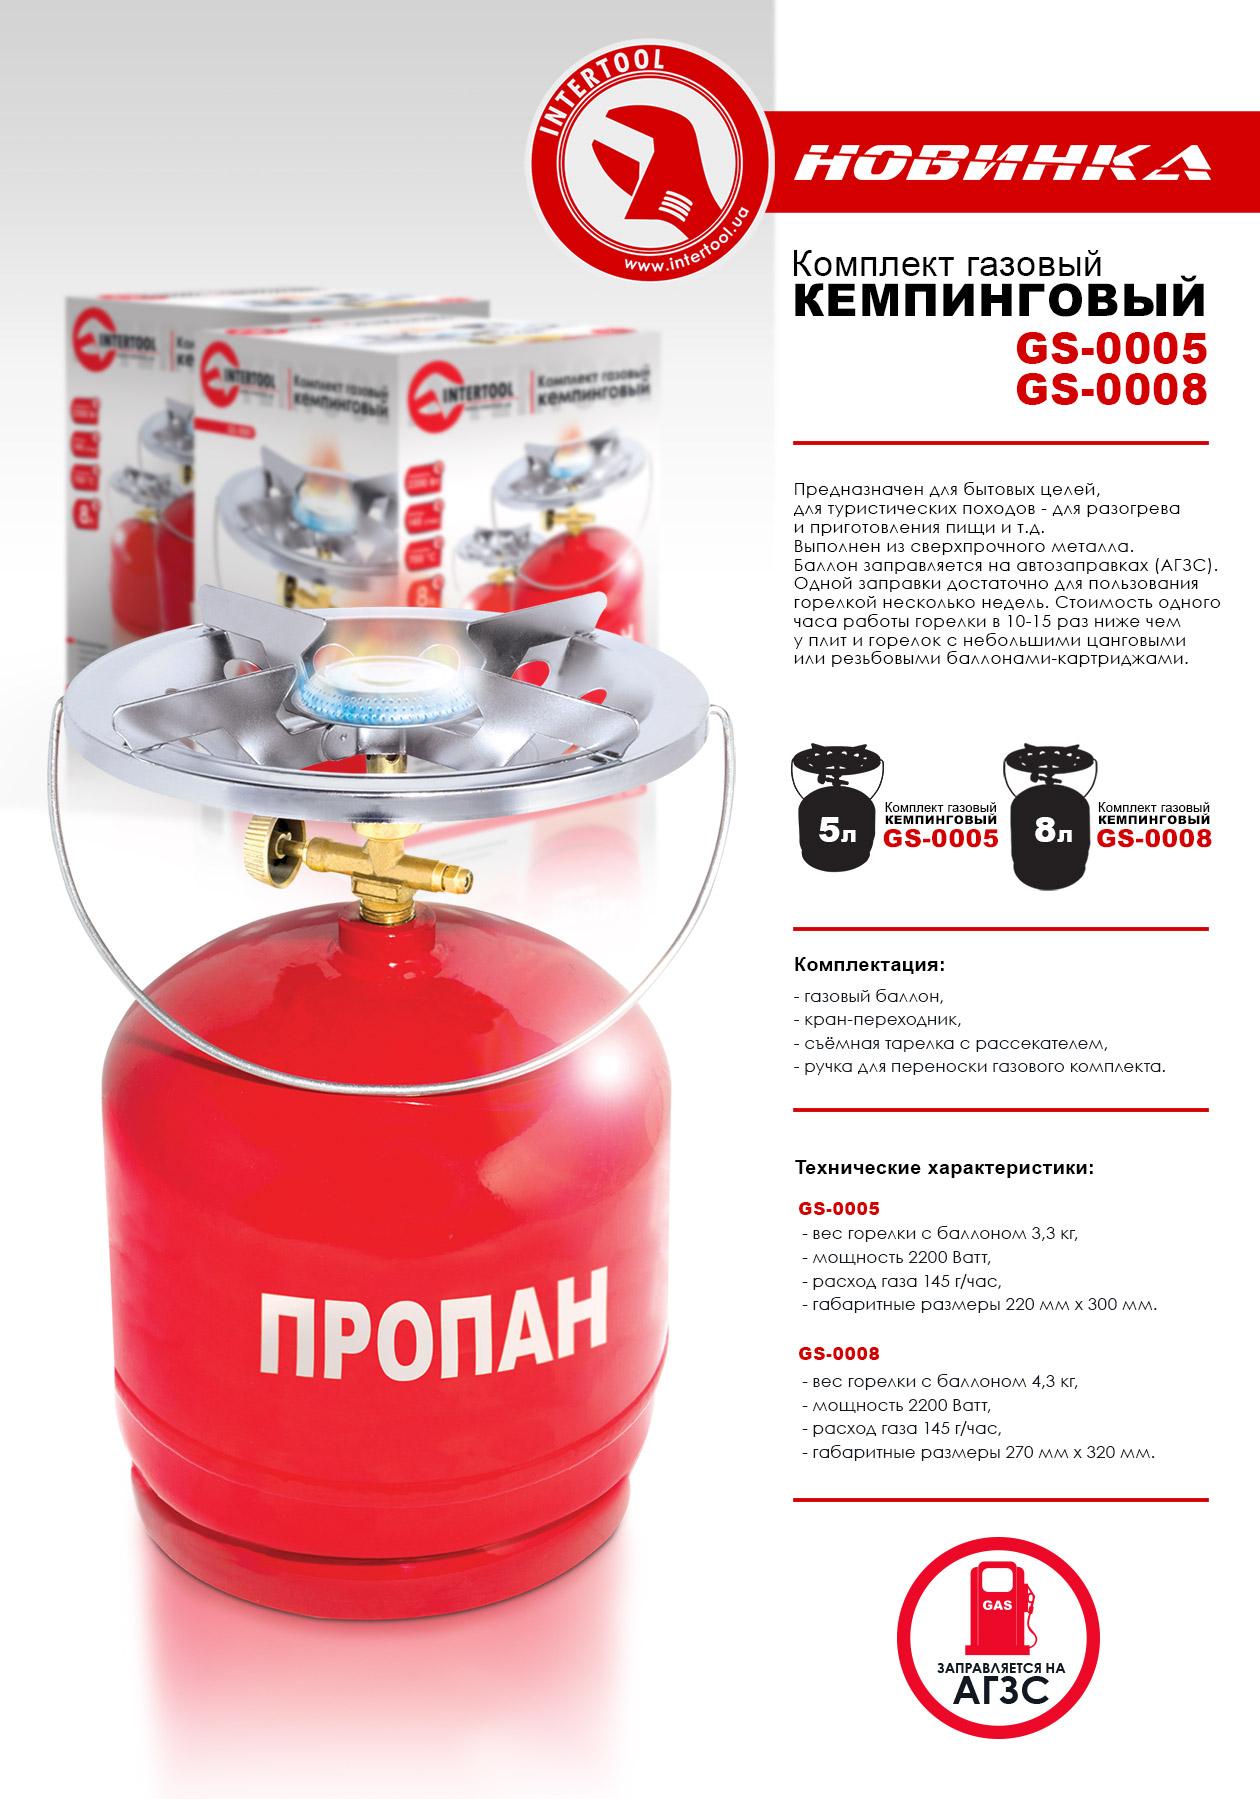 туристическая газовая горелка с балоном комплект купить должен весить